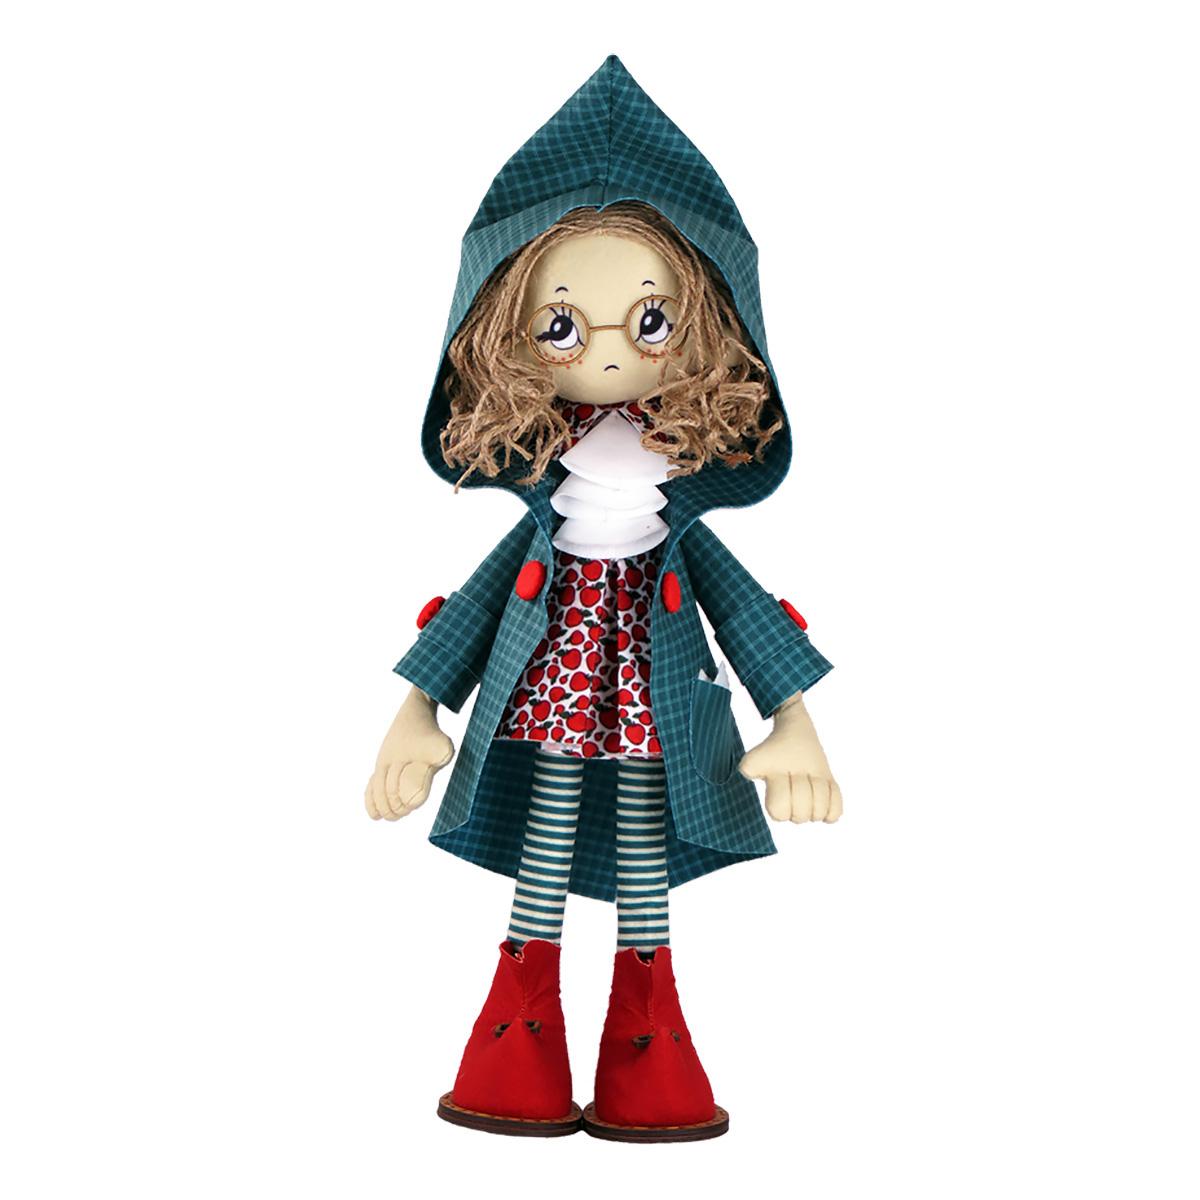 К1059 Набор для создания каркасной текстильной куклы 'Мишель' 50см